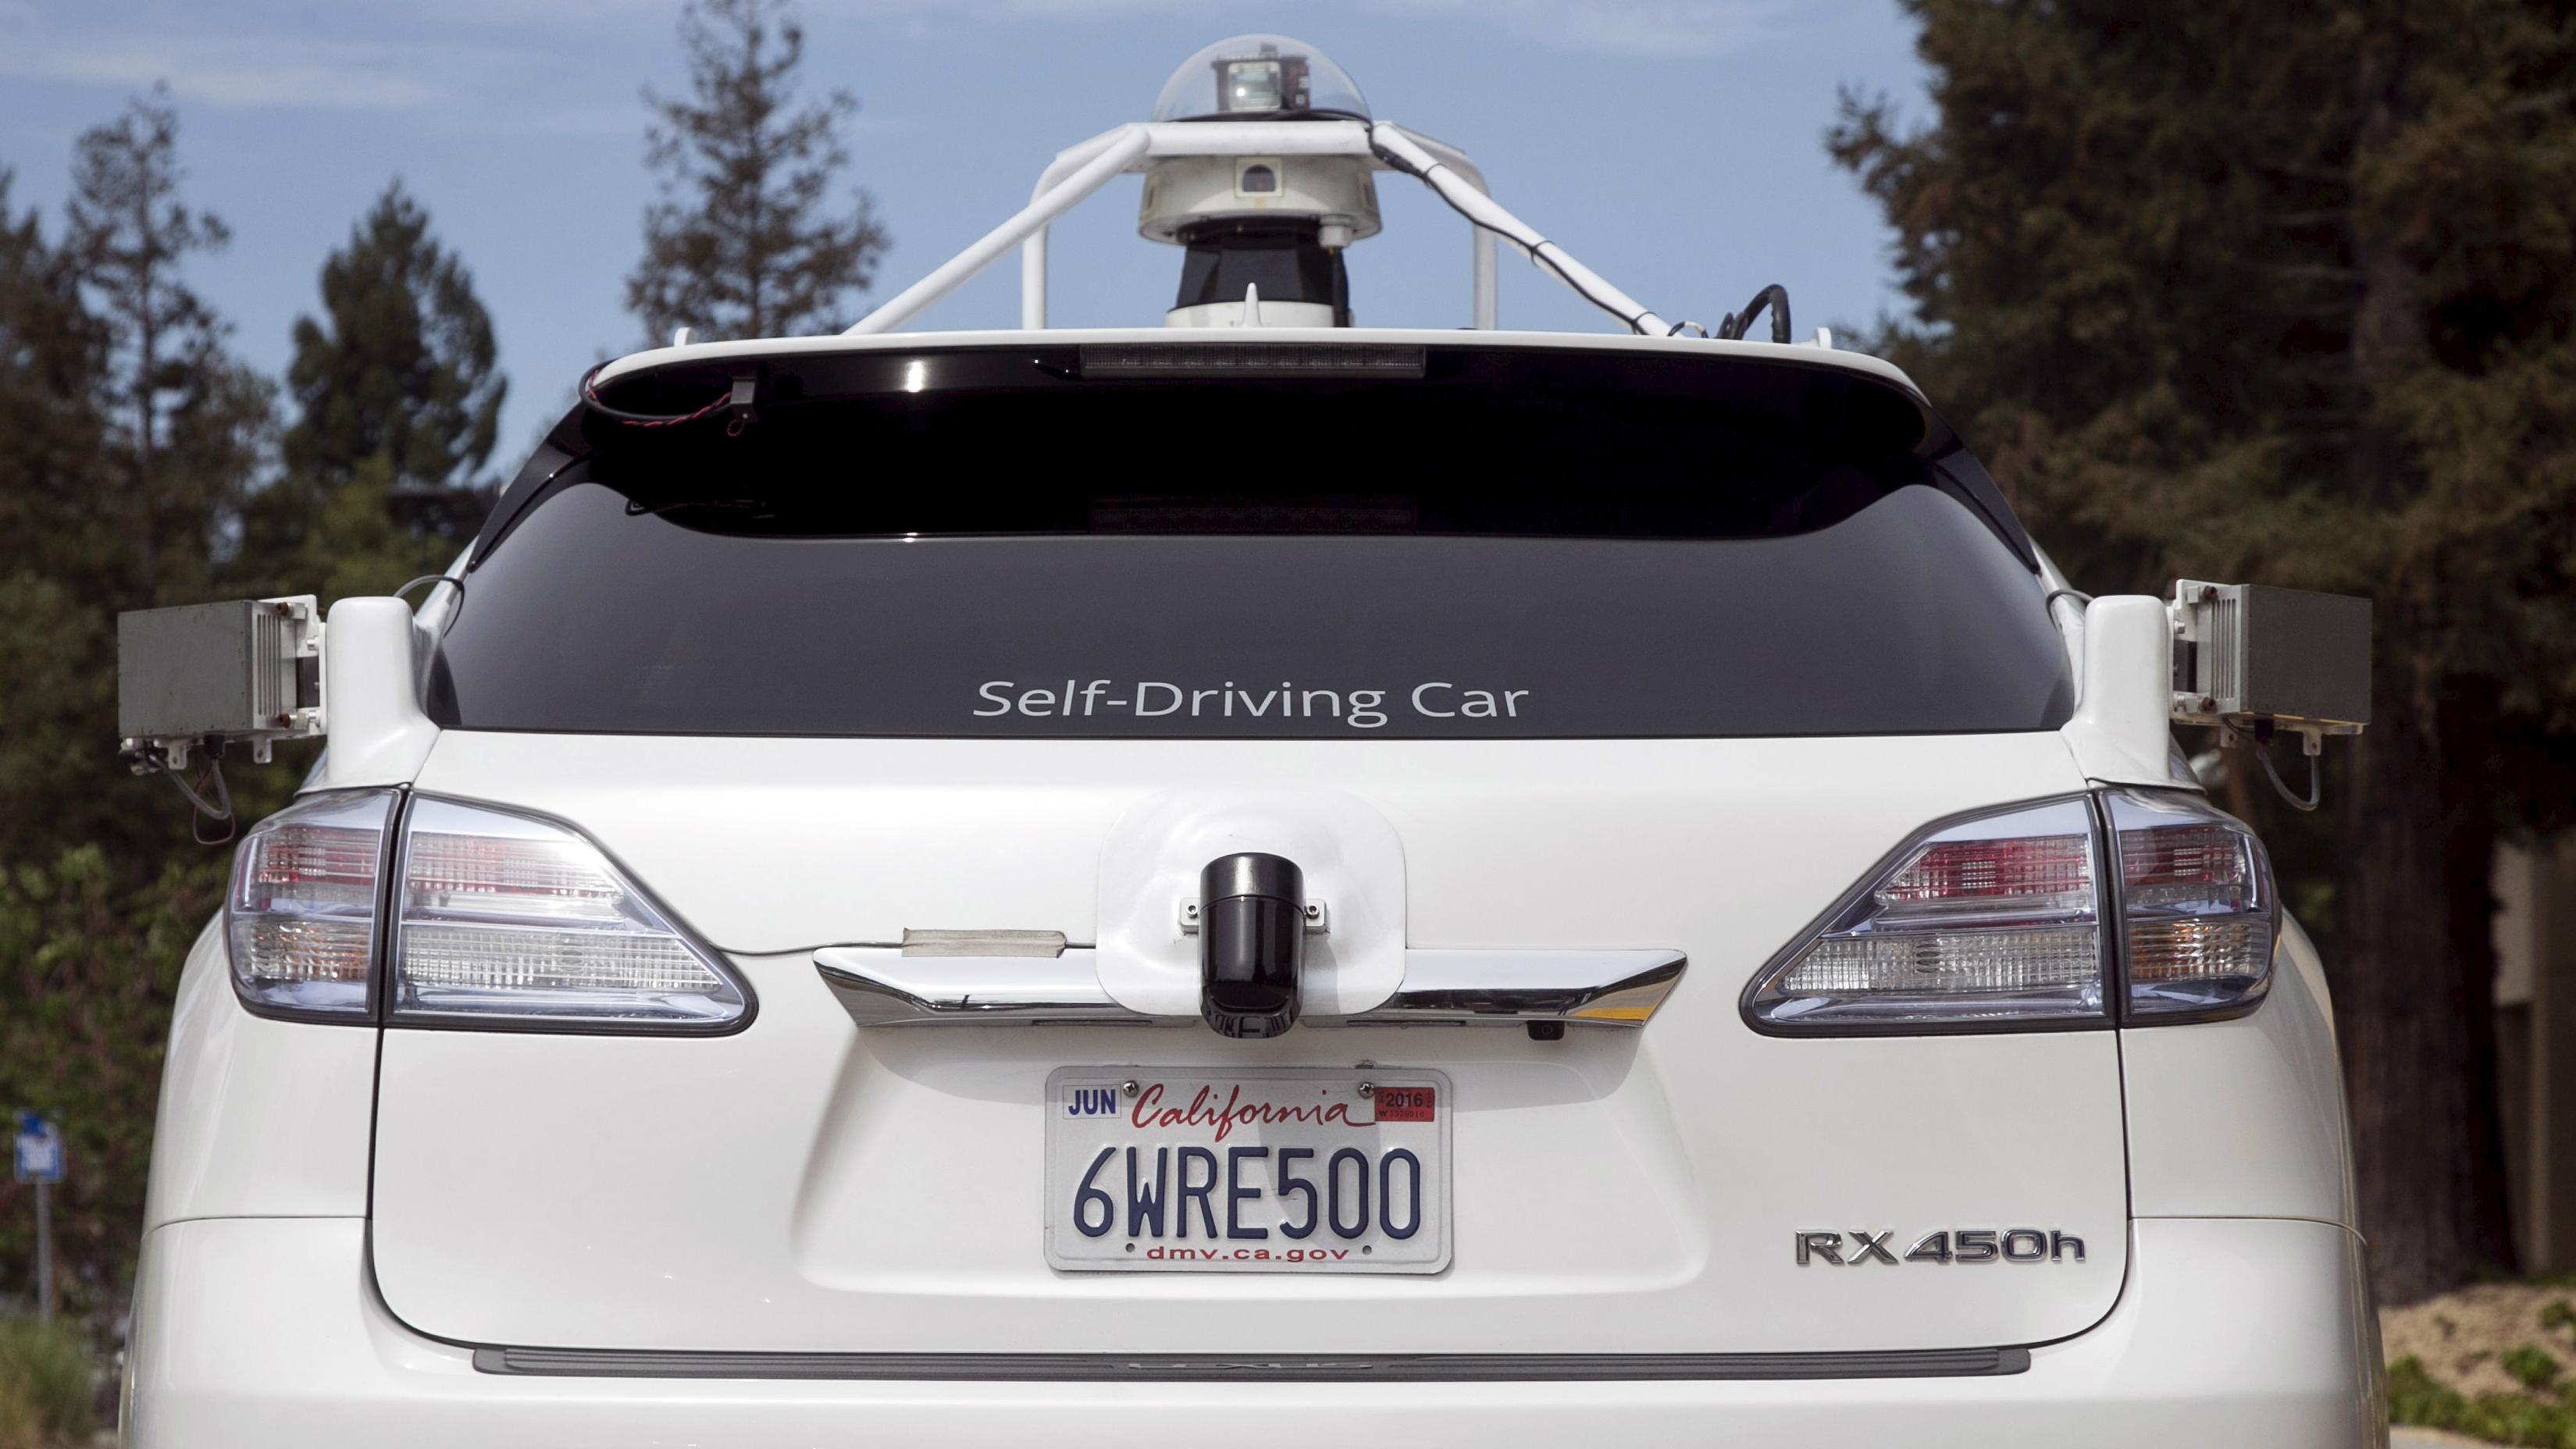 A driverless car.